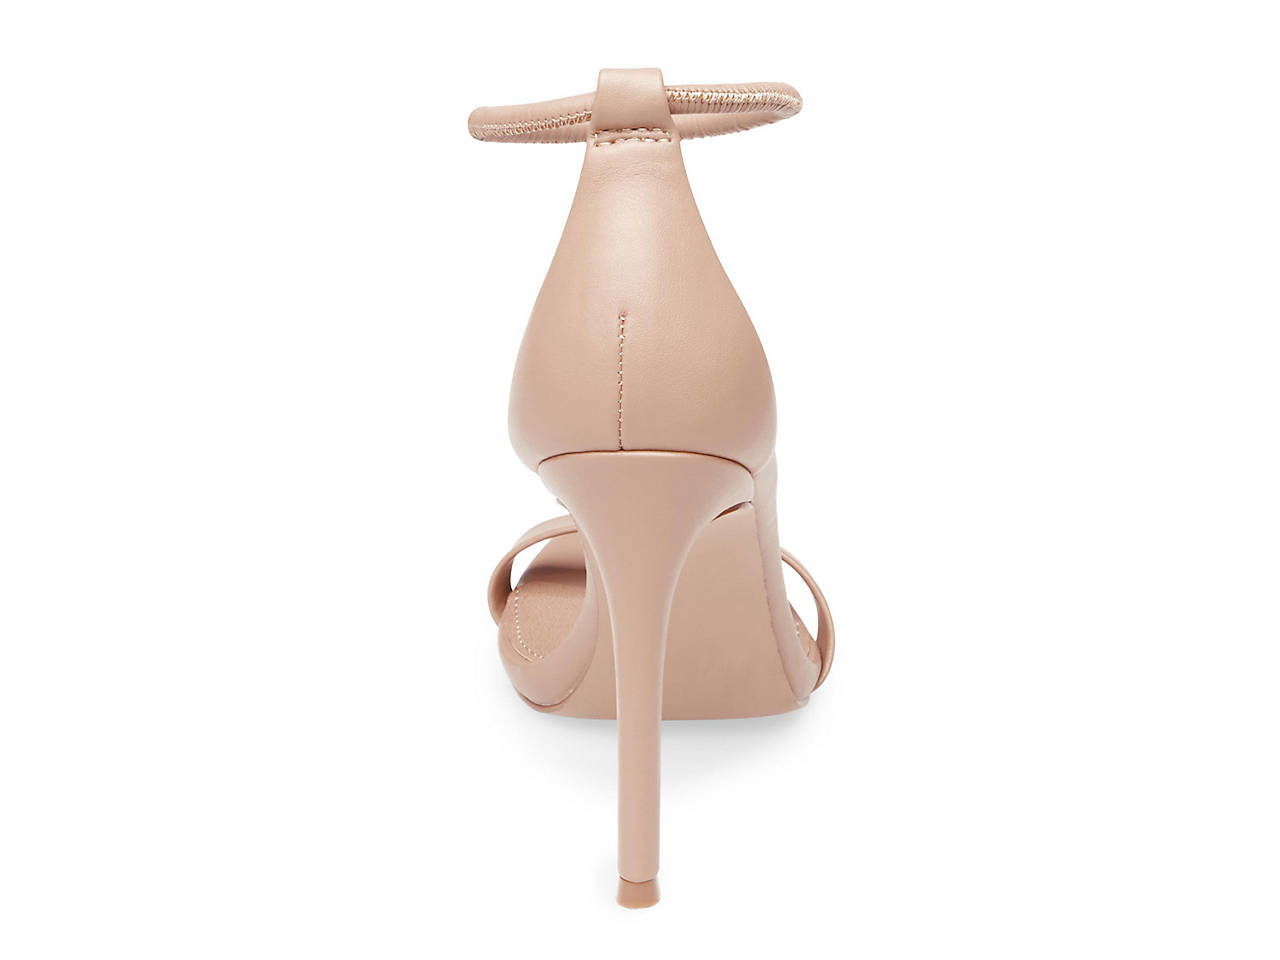 962049449a75 Steve Madden Soph Sandal Women s Shoes